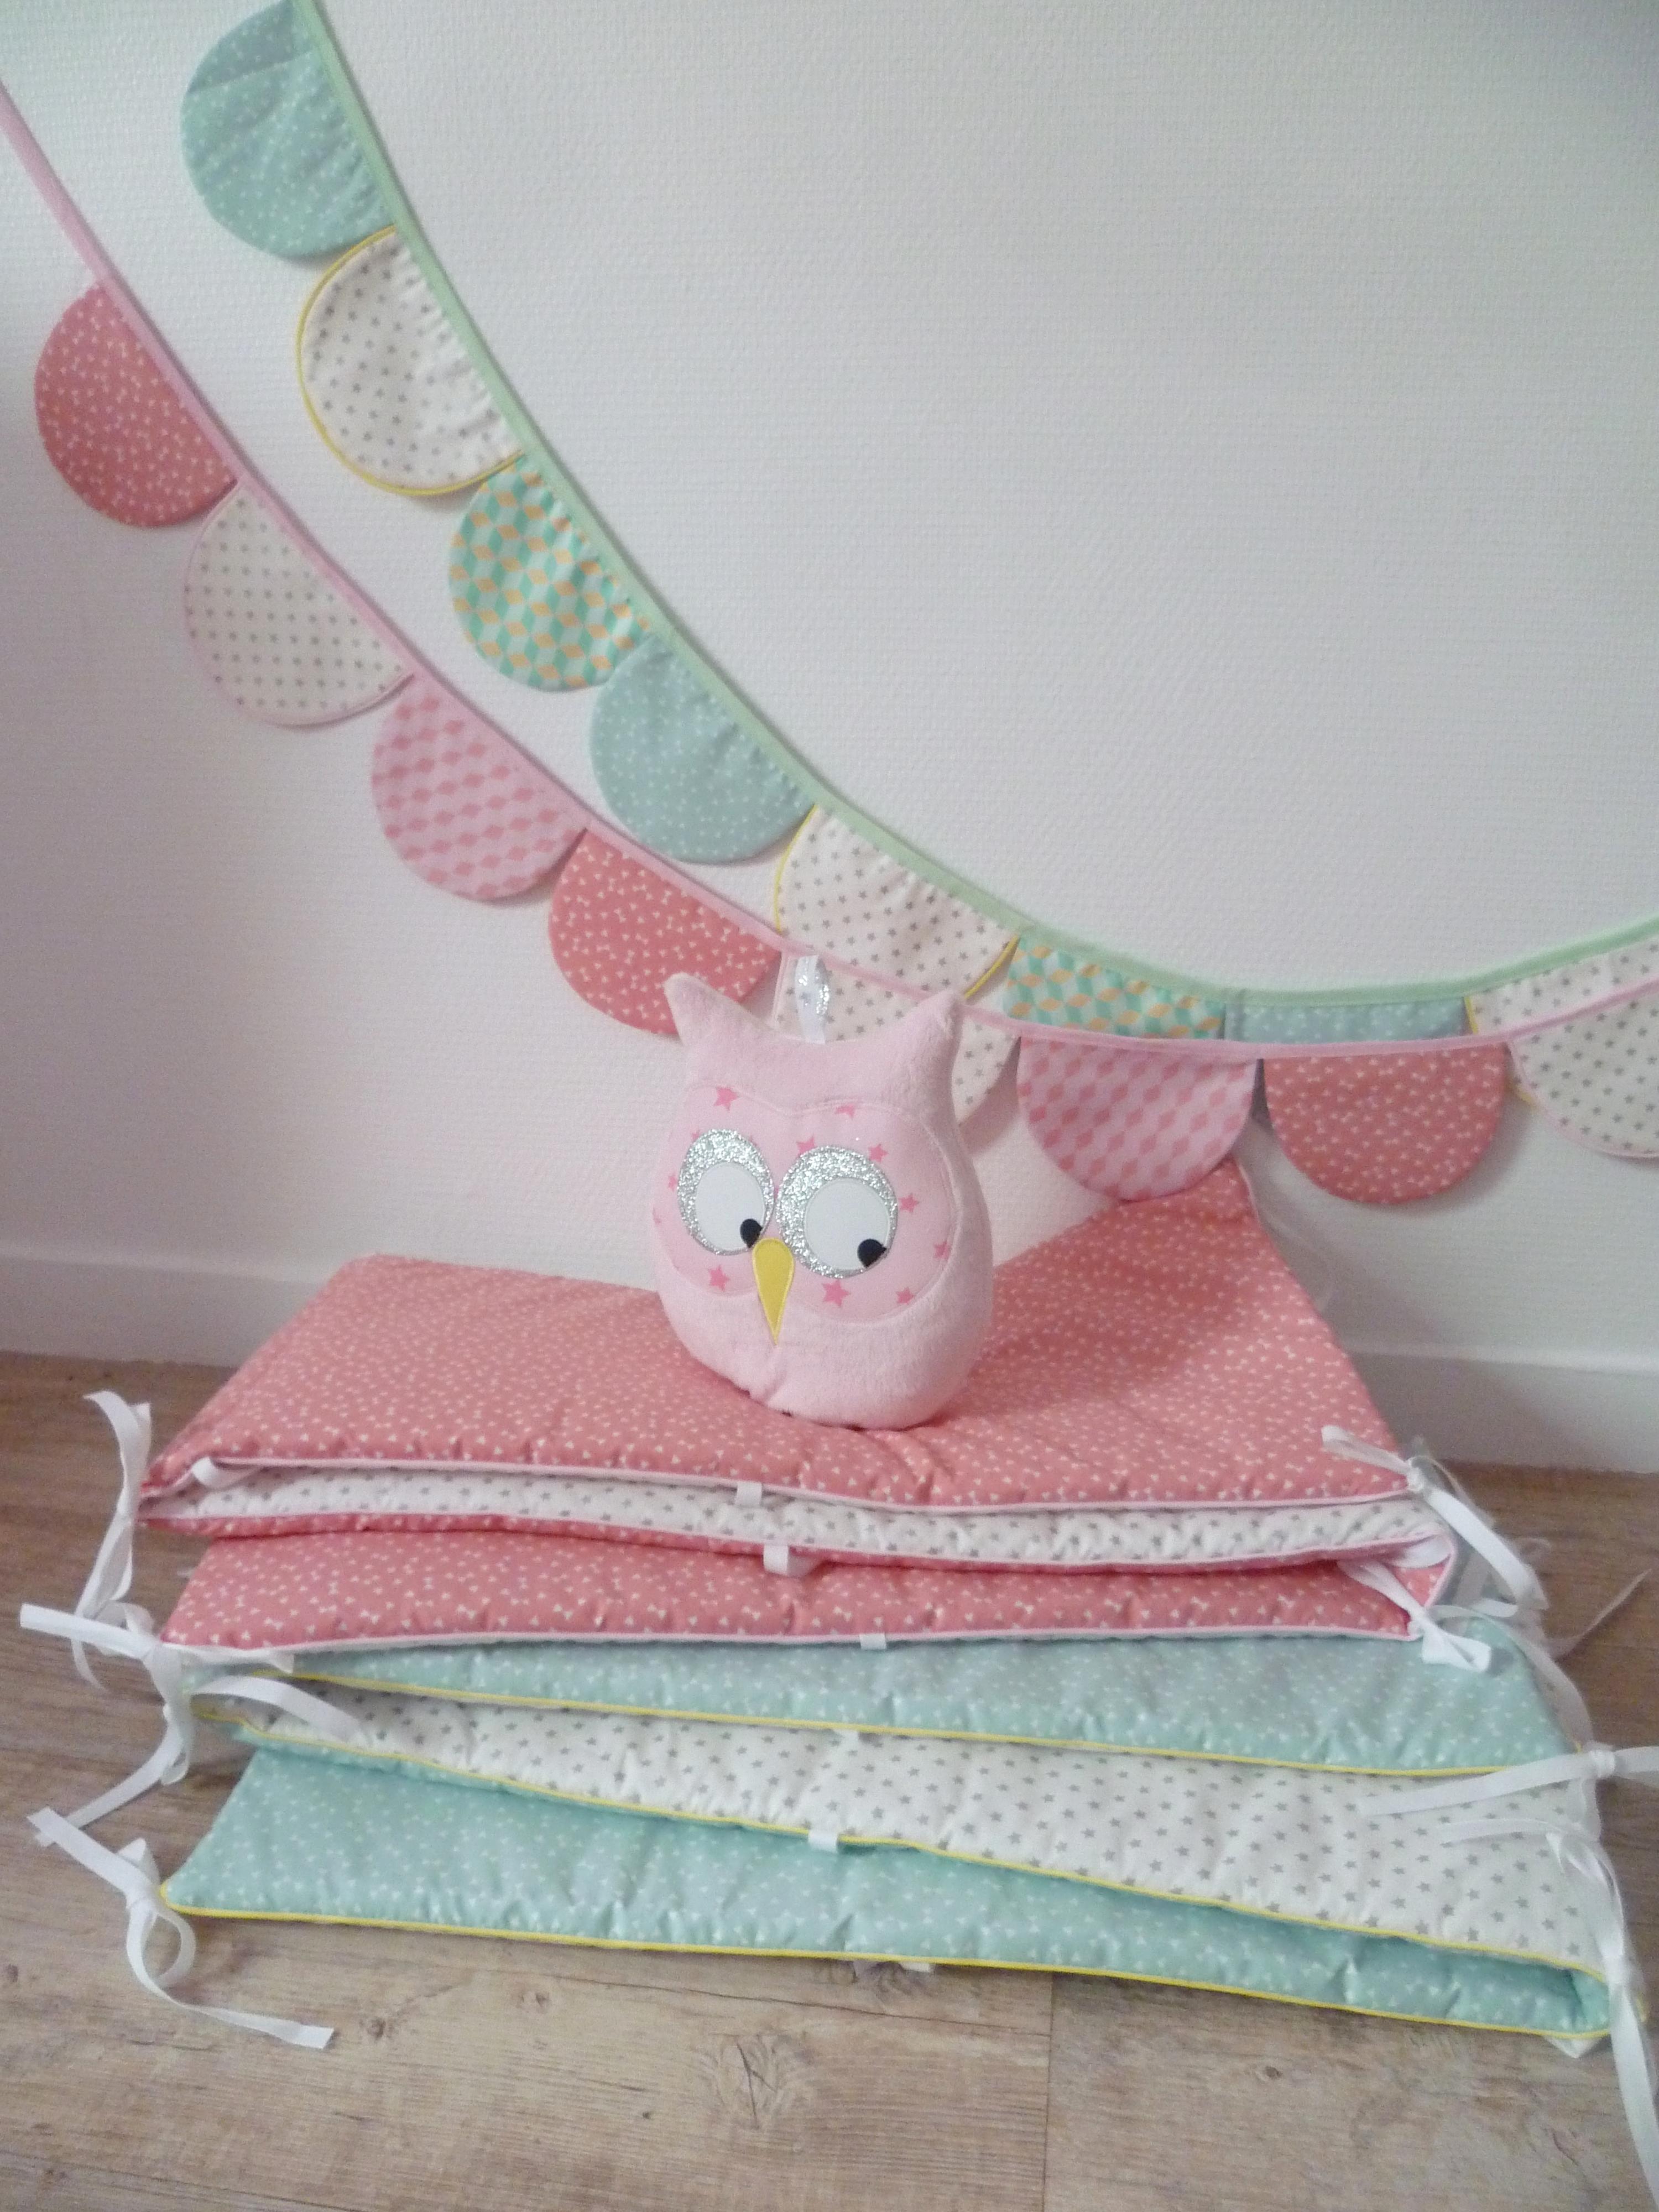 tour de lit et gigoteuse diabolo citron vert guili gribouilli linge de lit et de d co pour. Black Bedroom Furniture Sets. Home Design Ideas